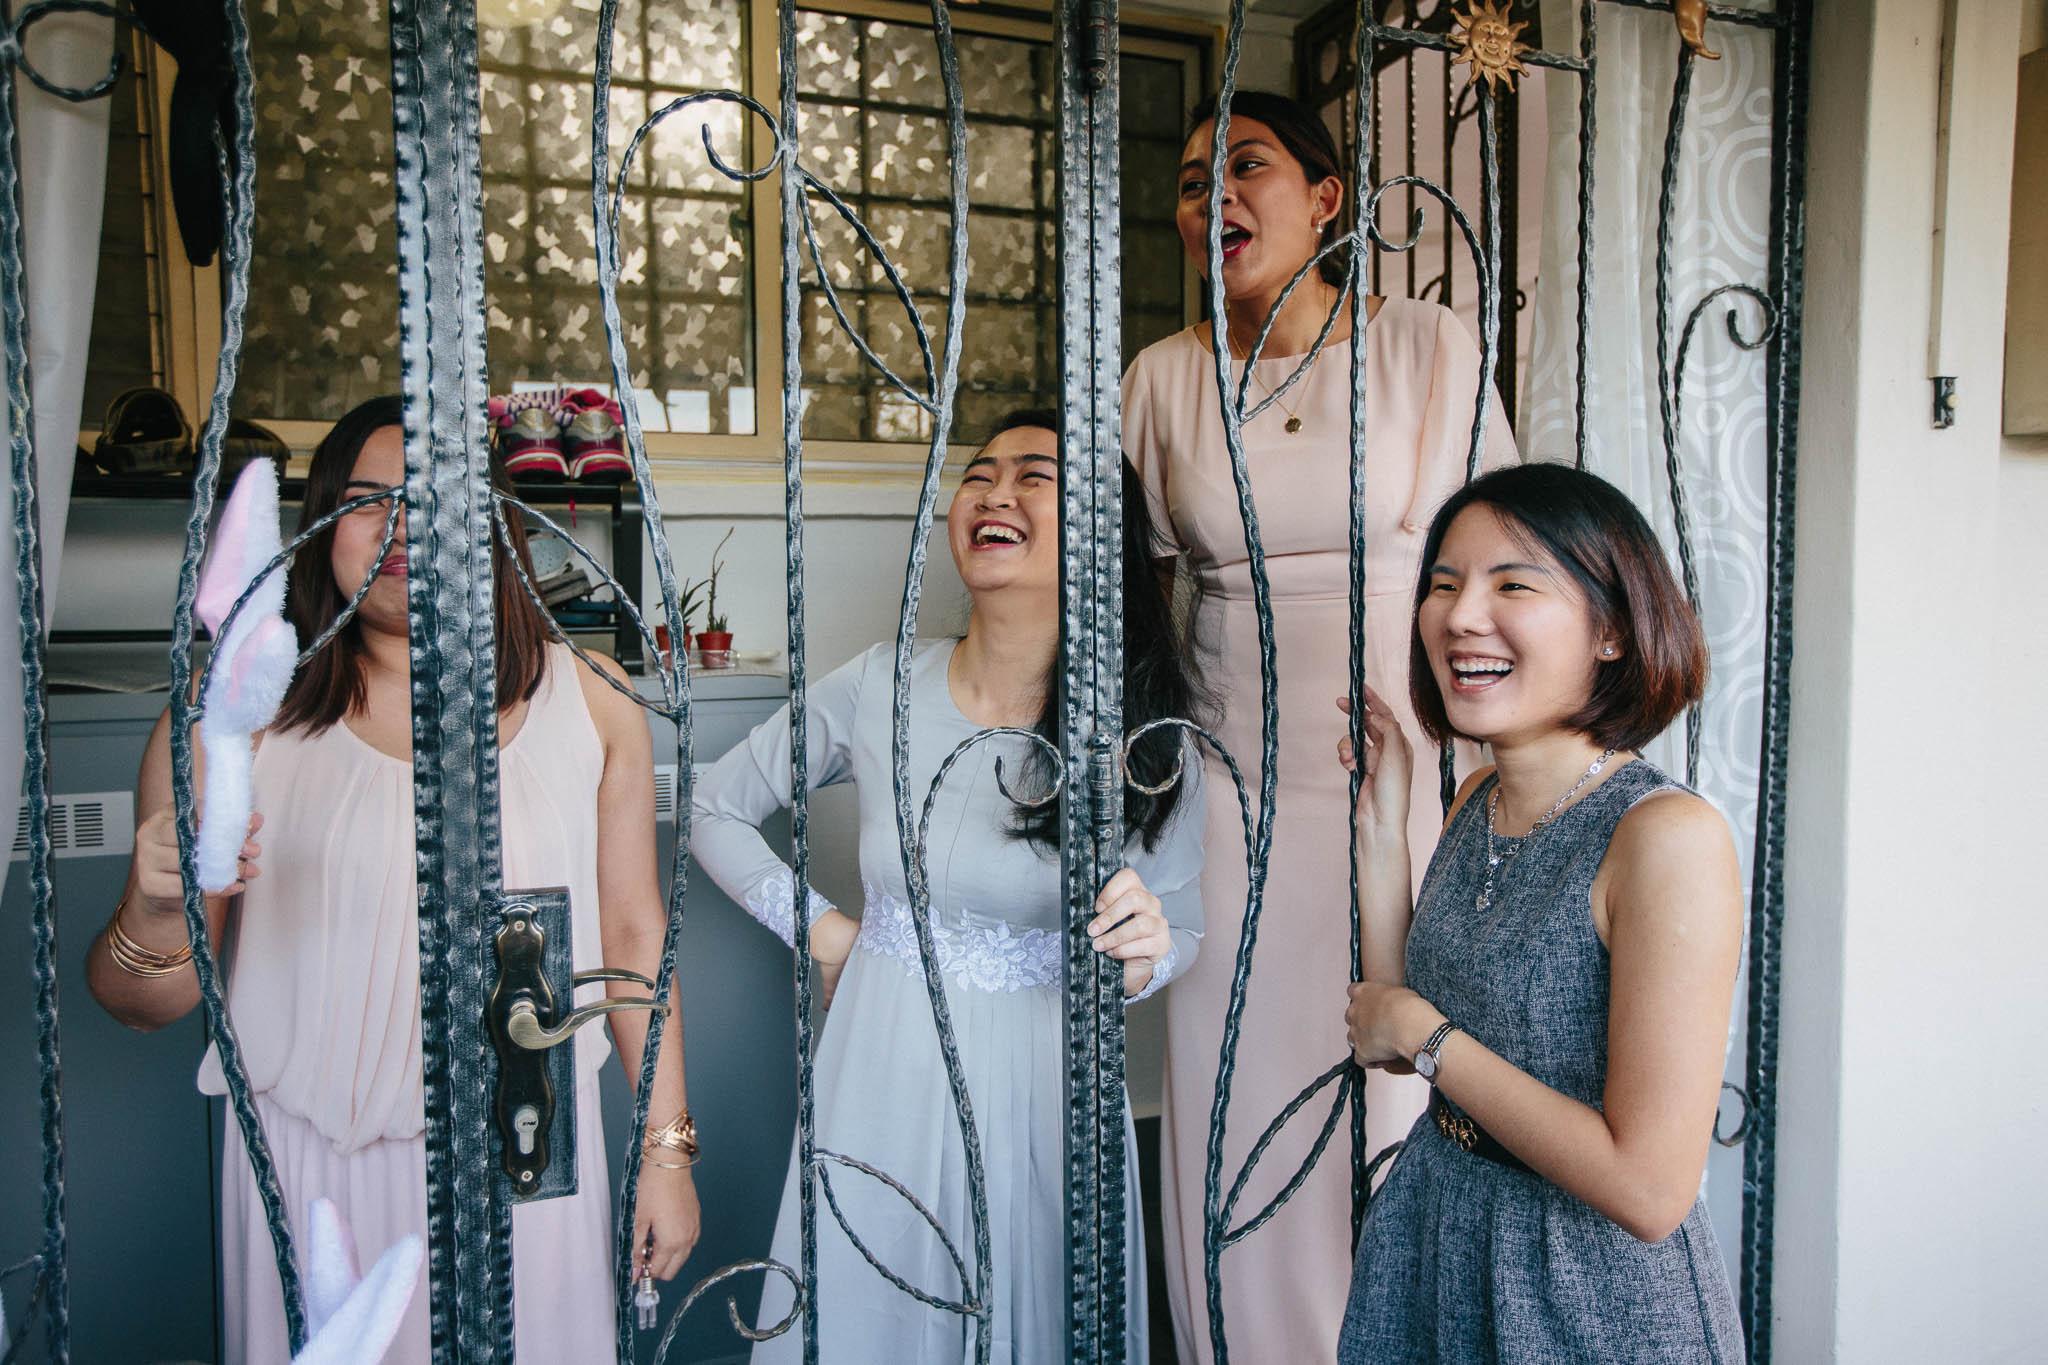 singapore-wedding-photographer-zhongwei-shihui-009.jpg